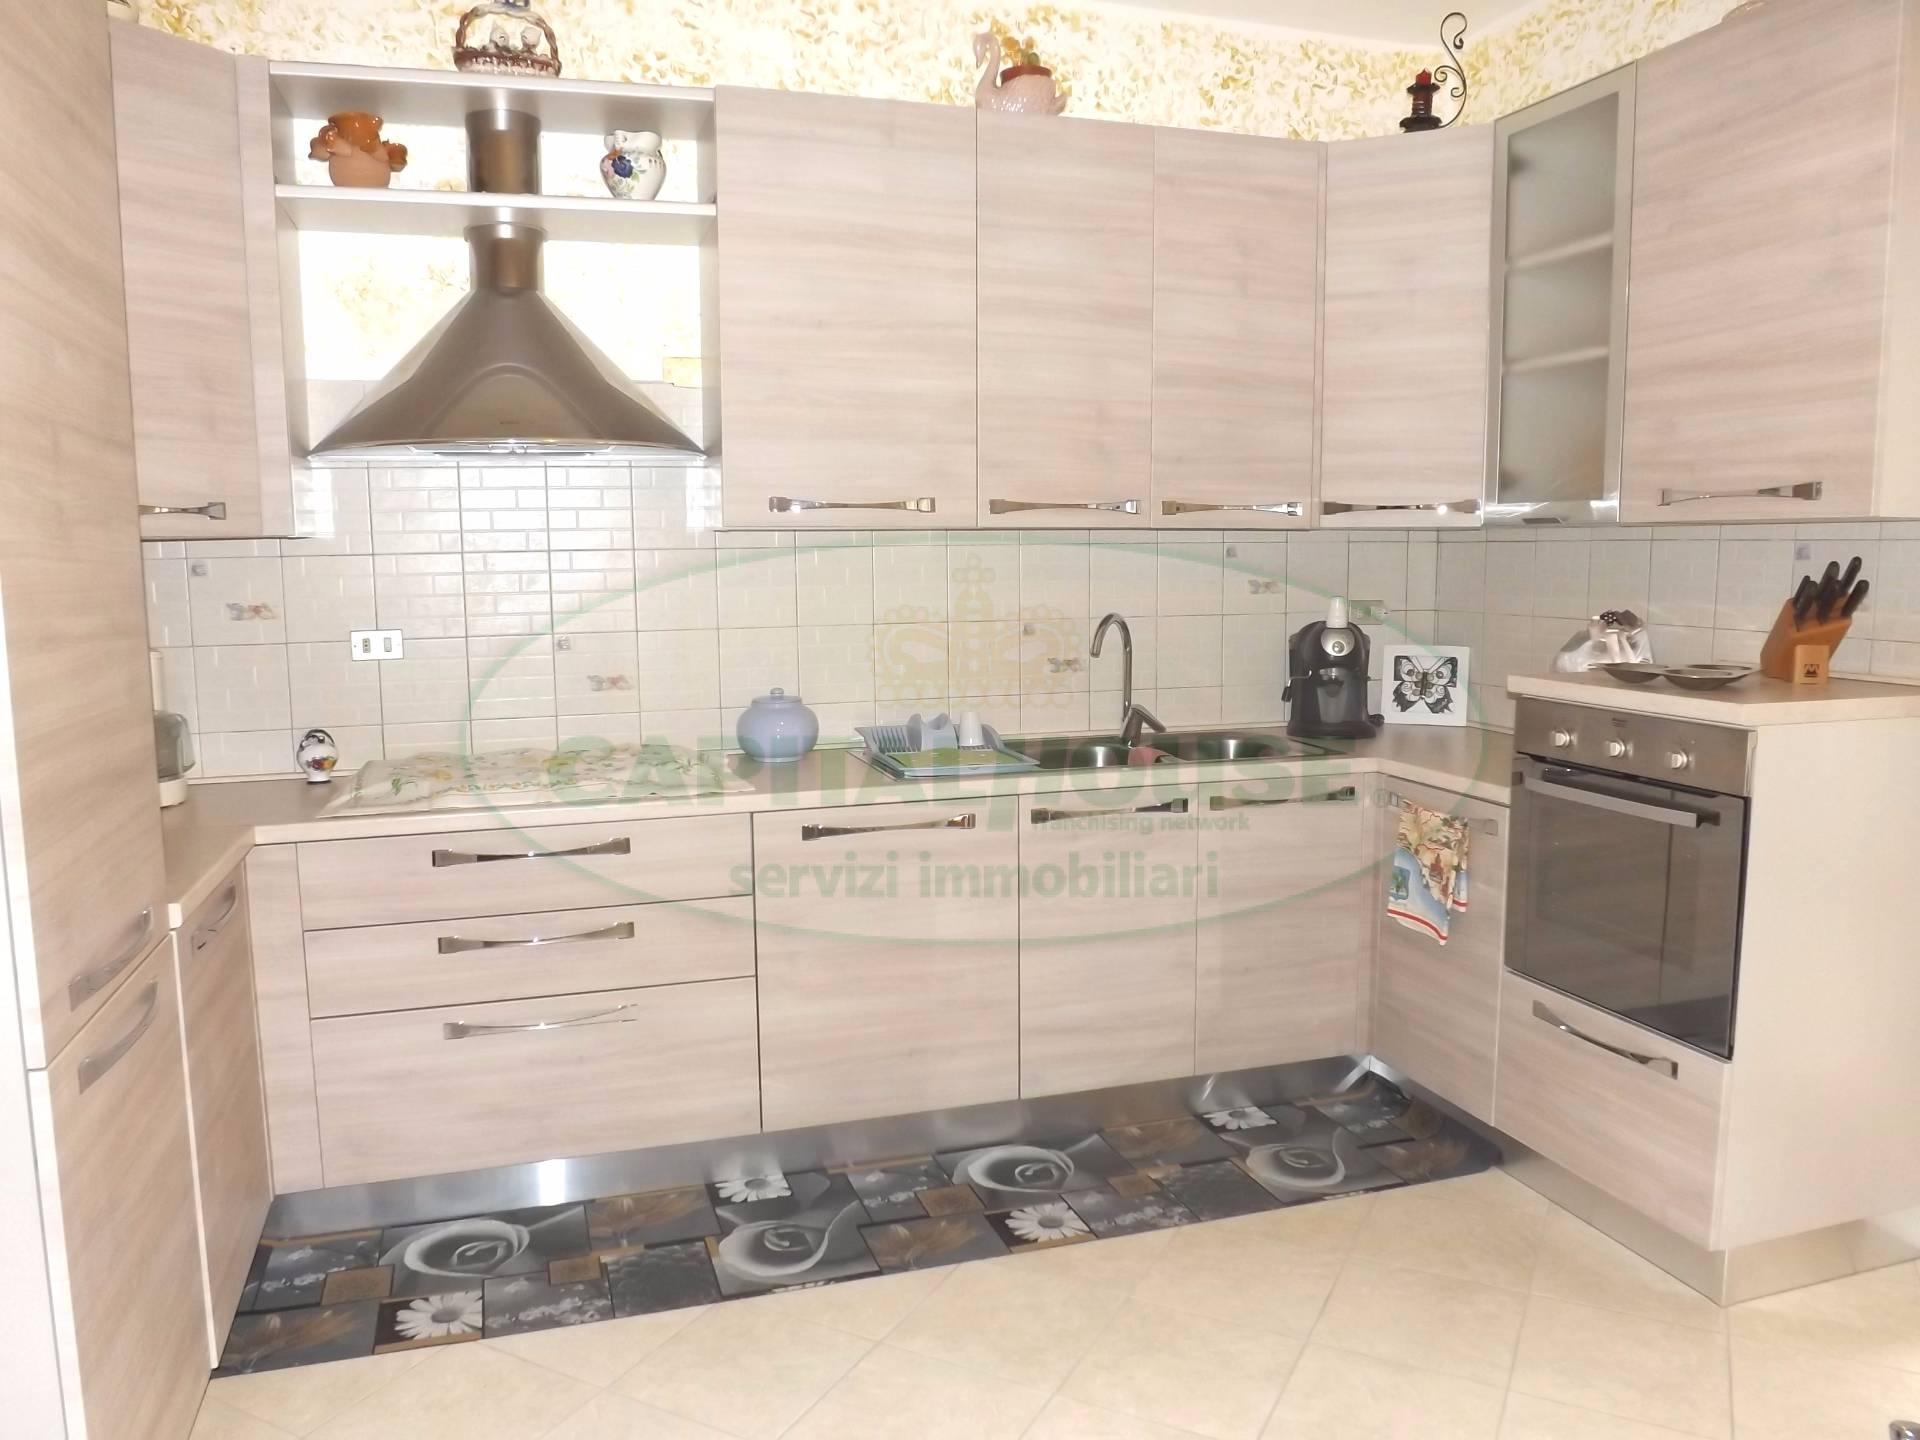 Appartamento in vendita a Manocalzati, 3 locali, prezzo € 119.000 | CambioCasa.it